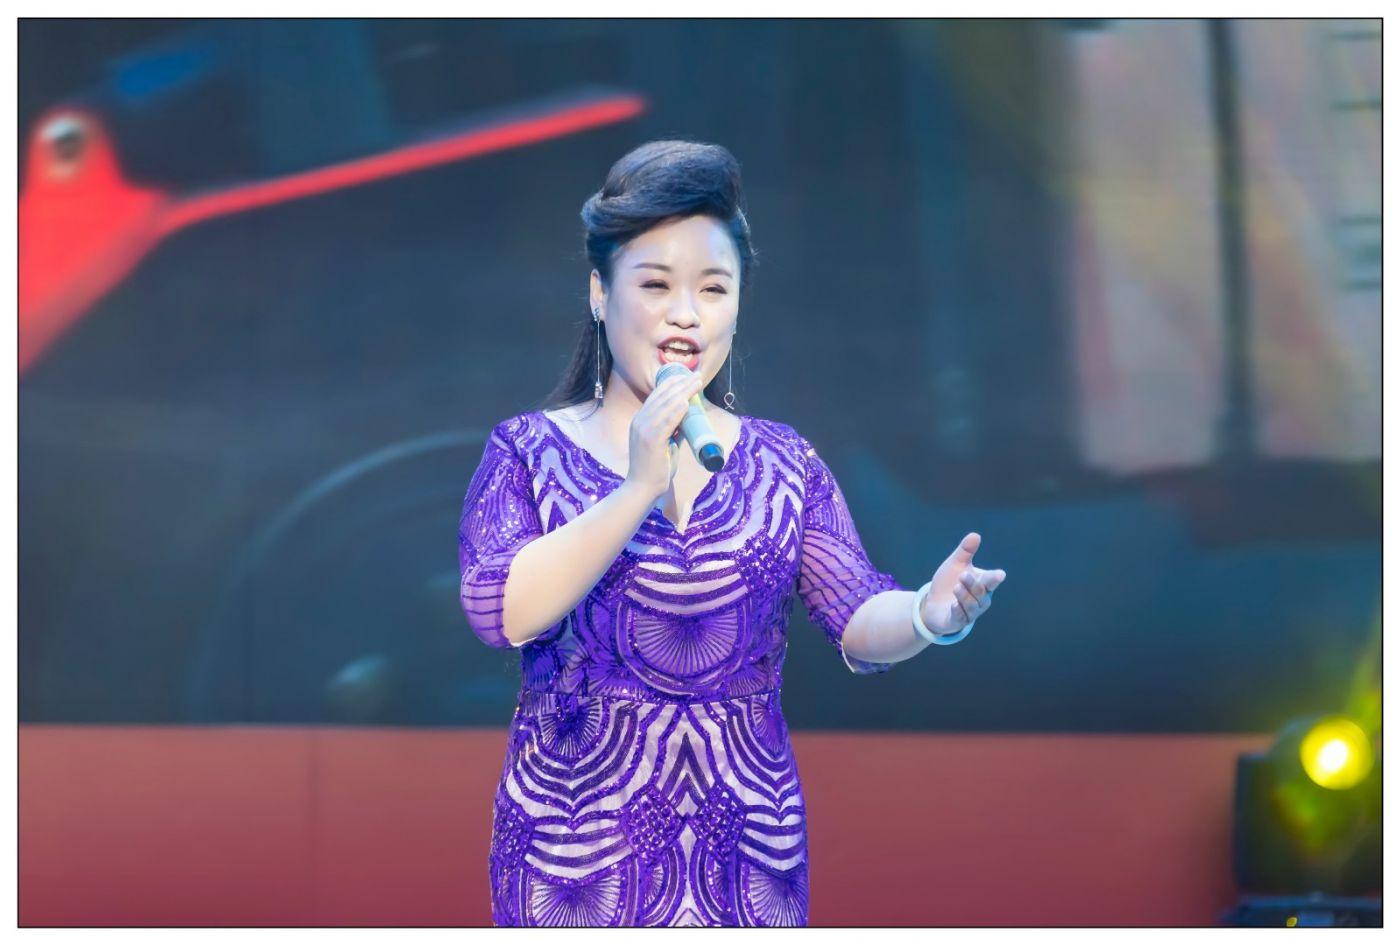 临沂姑娘杨妮妮曾感动春晚总动员 今晚在临沂电视台大放异彩 ..._图1-23